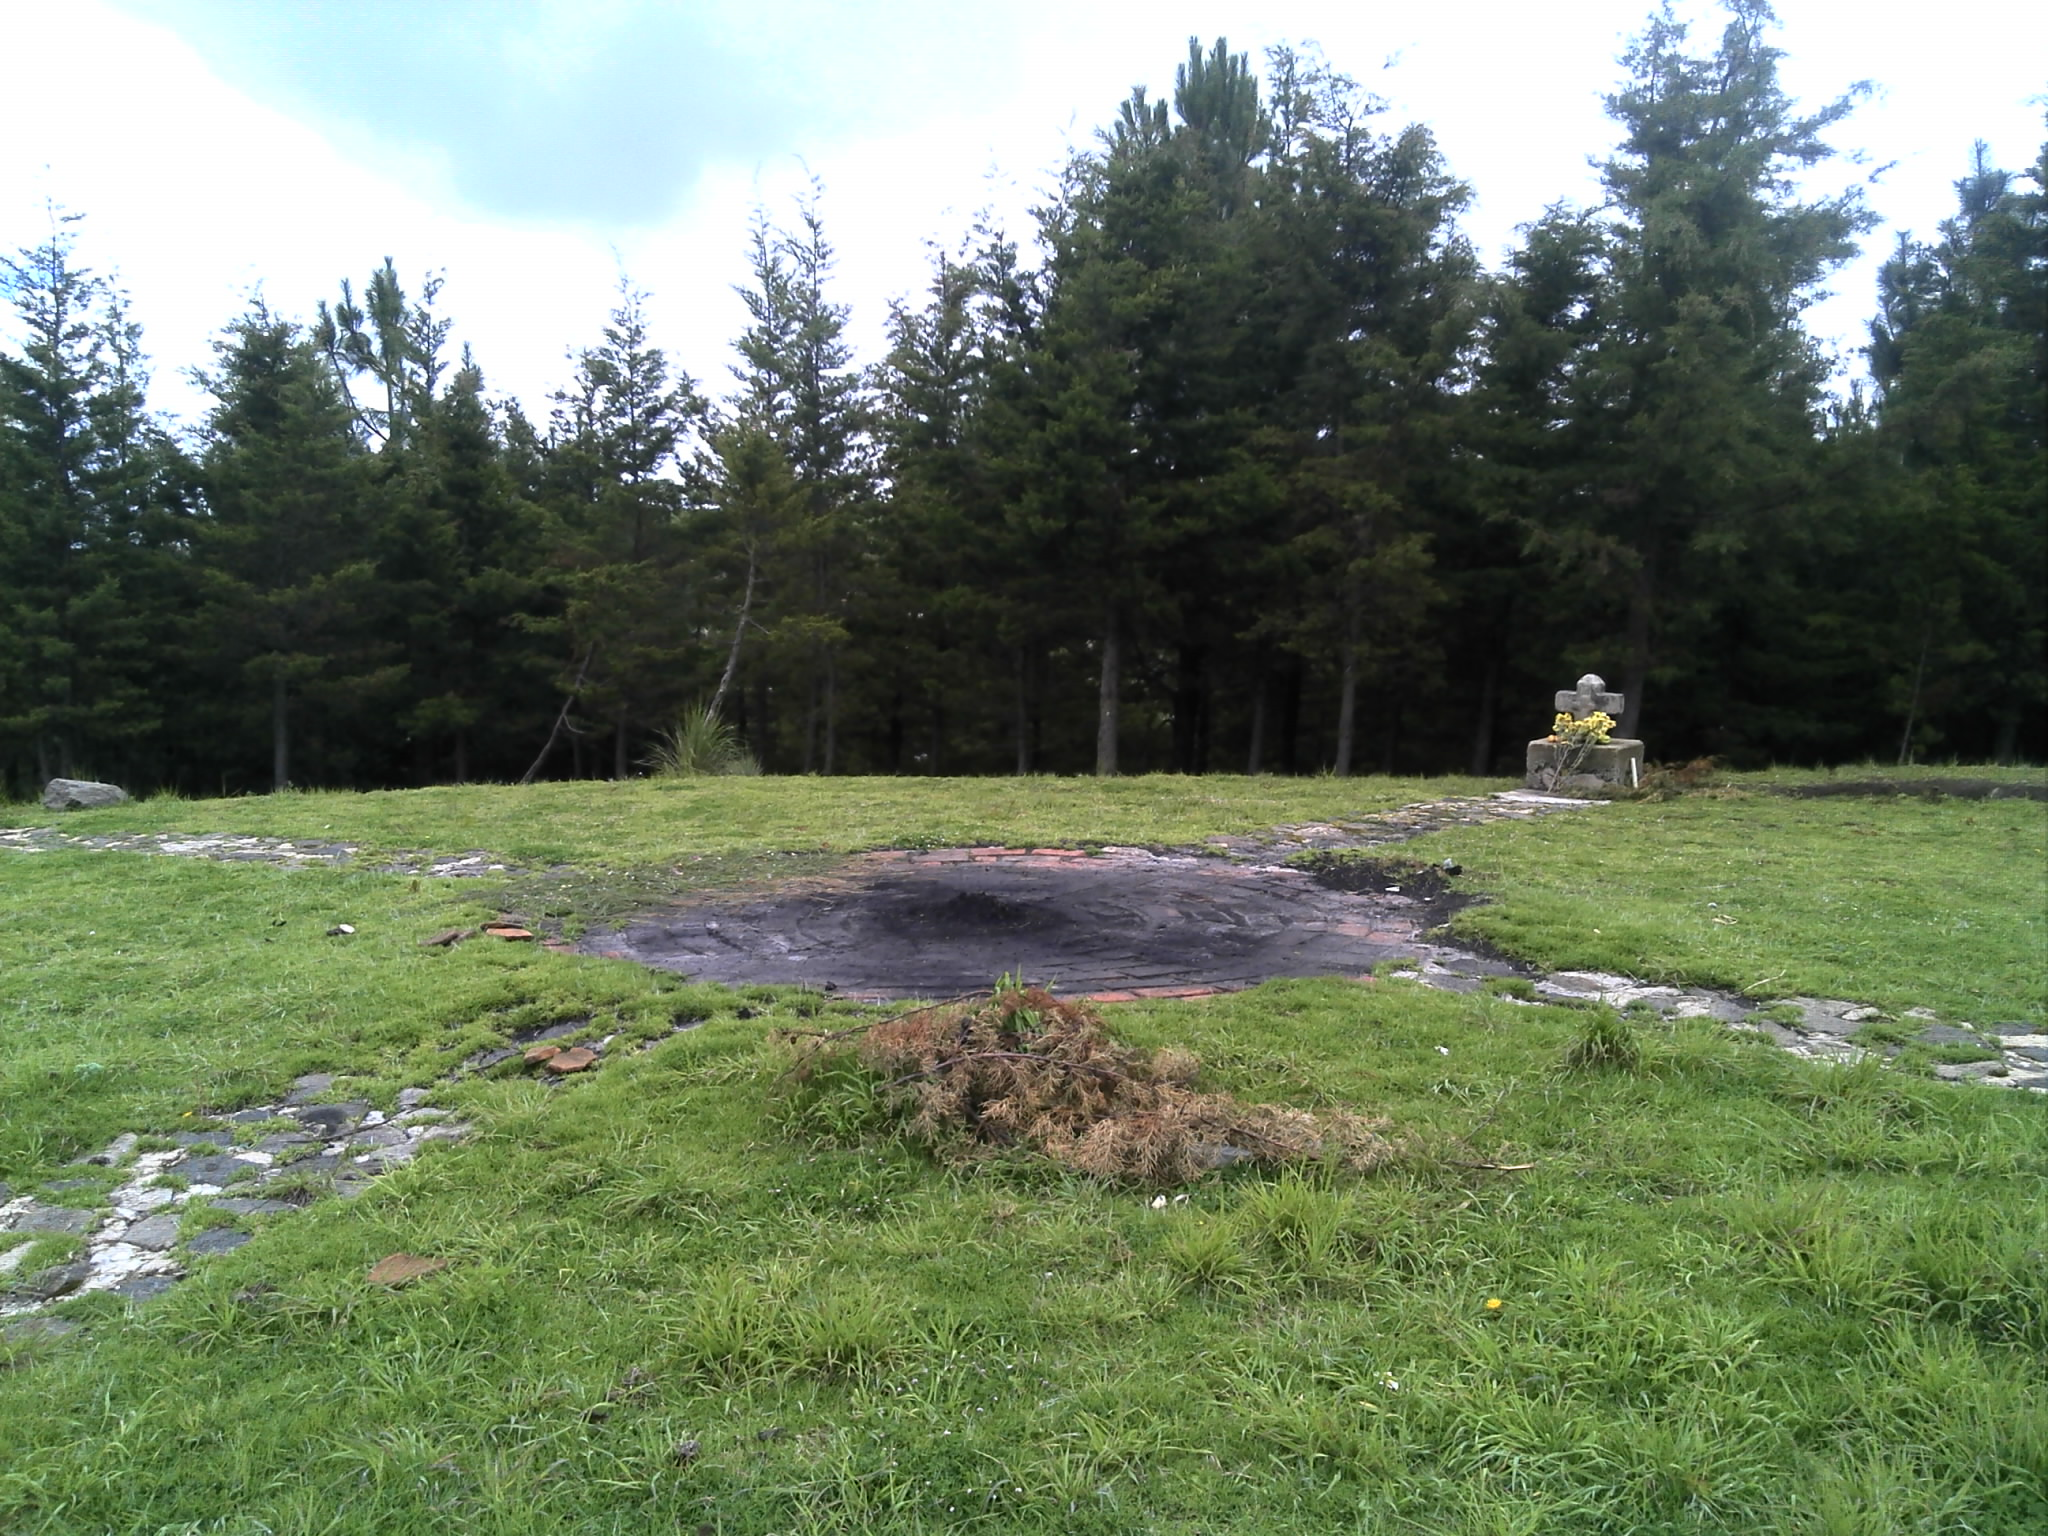 Lugar Sagrado Patan, Santa Catarina Ixtahuacán, Sololá